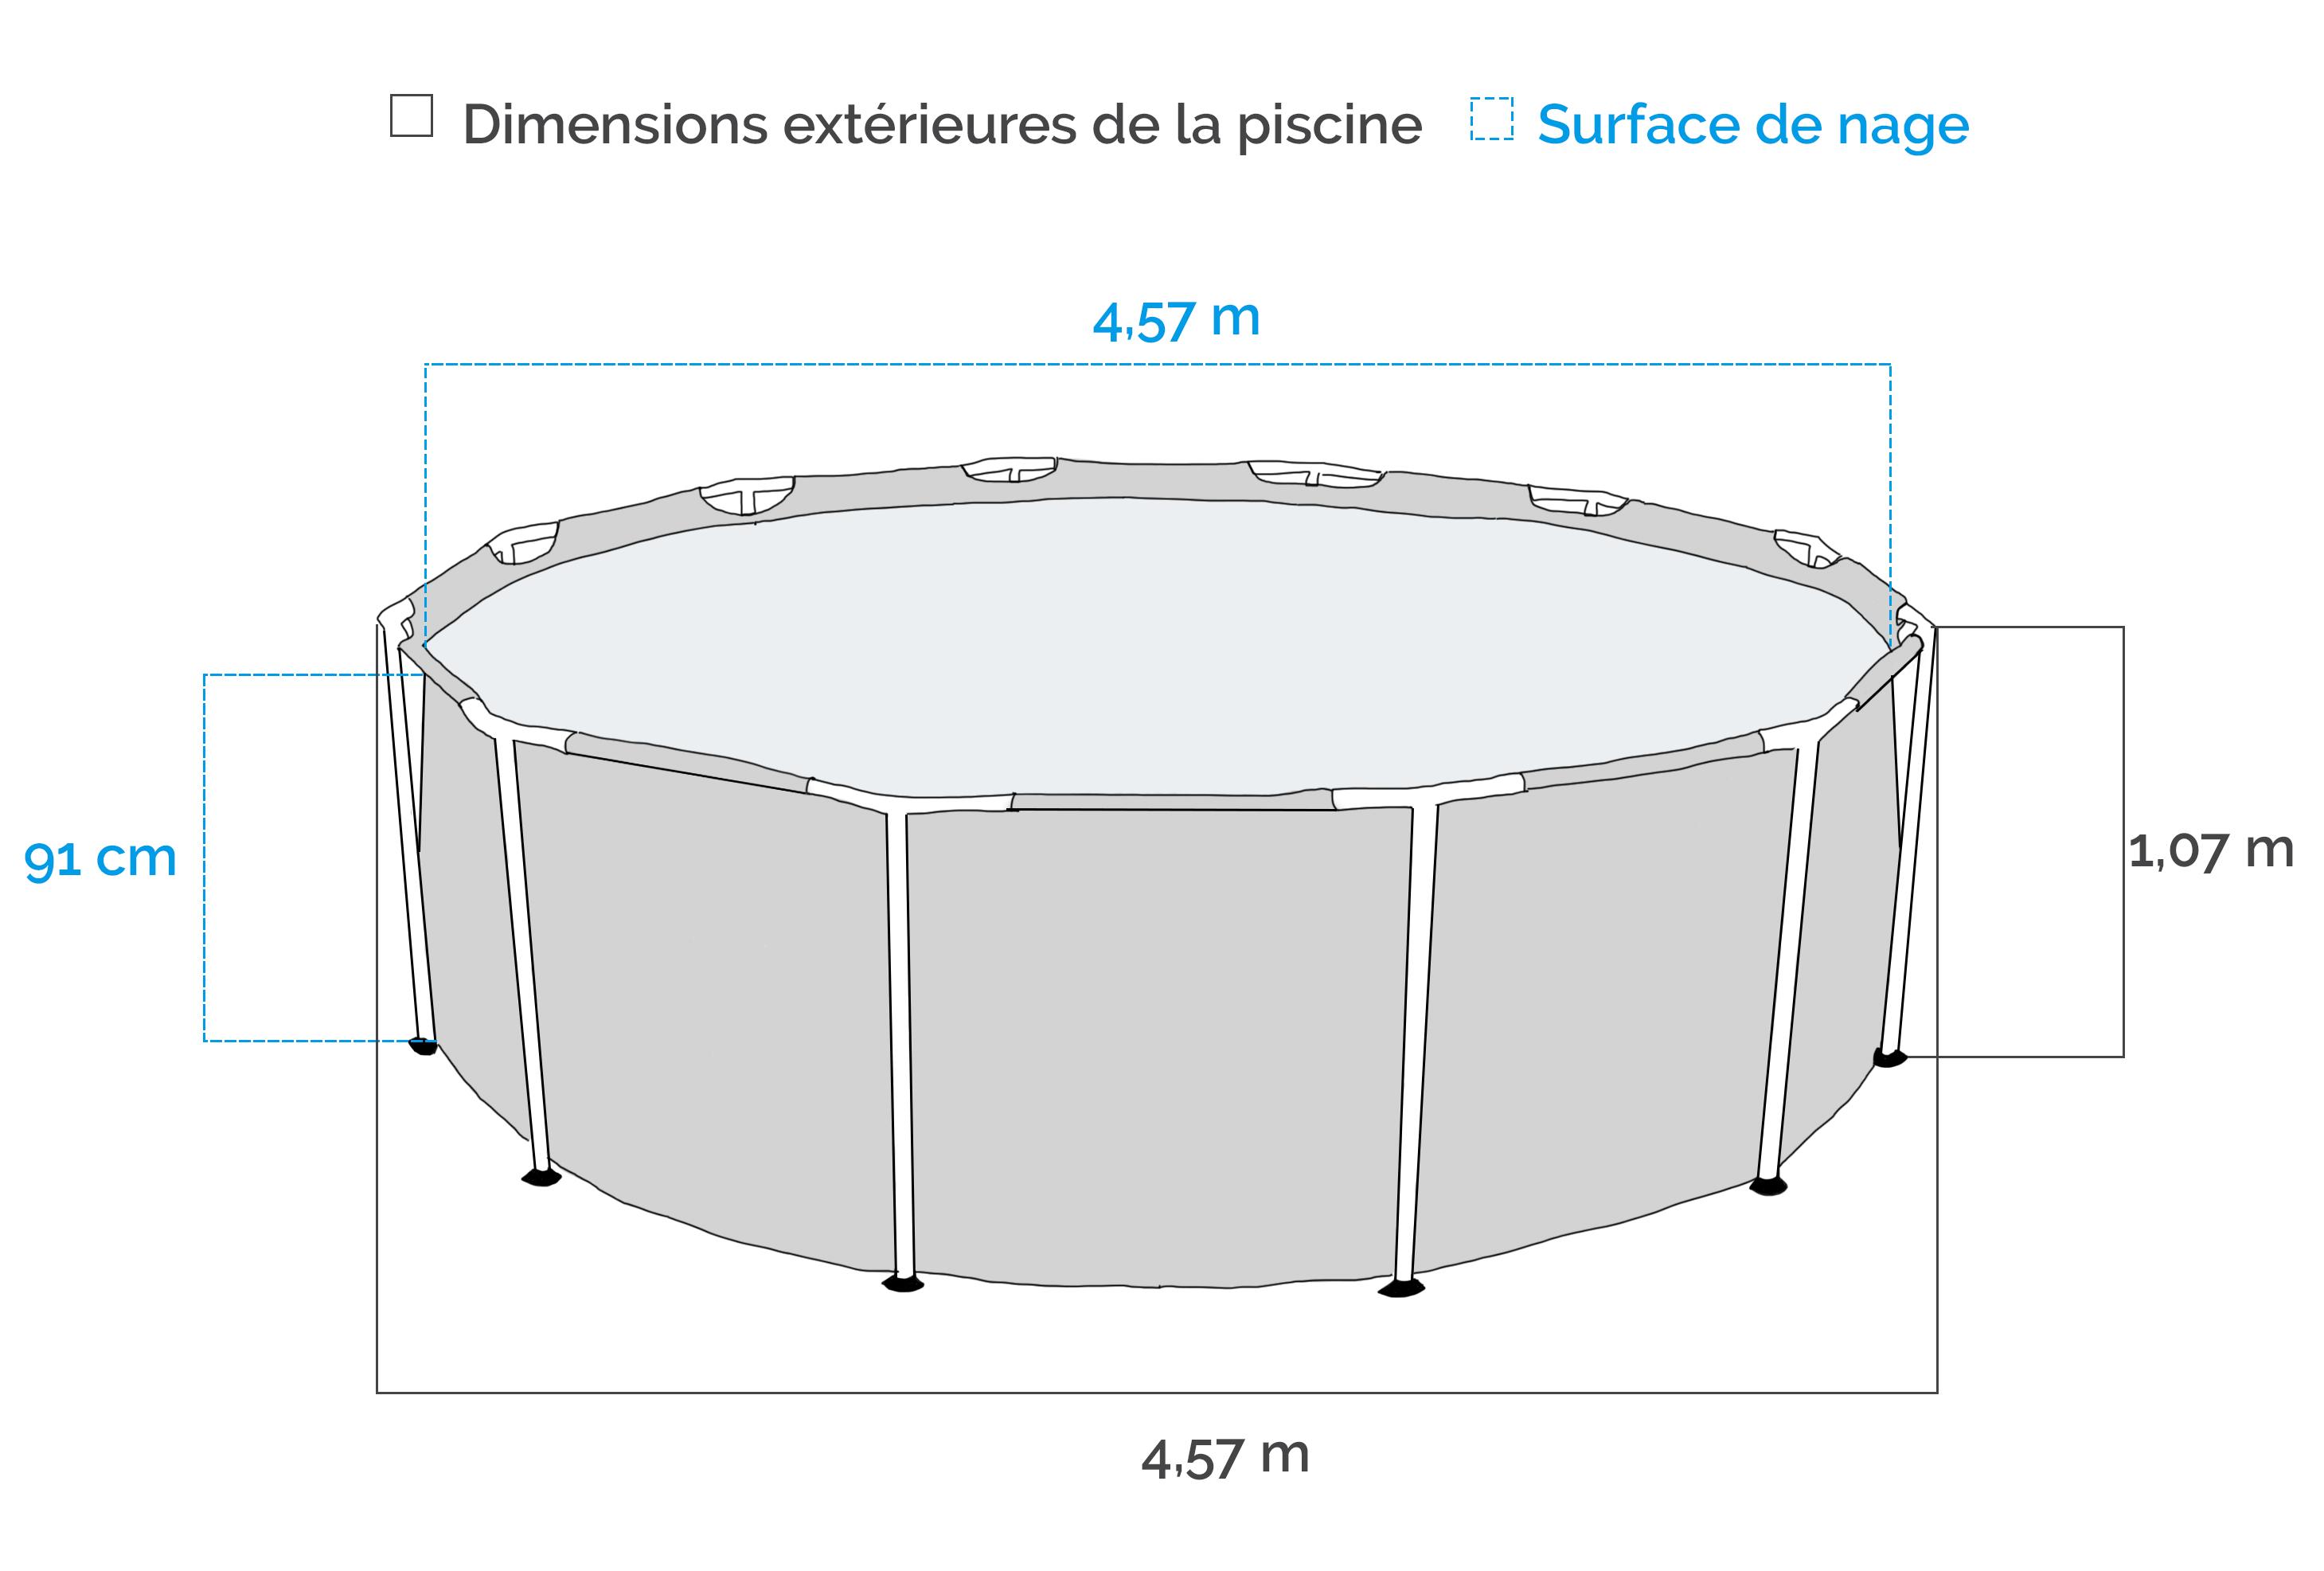 Dimensions de la Piscine tubulaire Intex Prism Frame 4,57 x 1,07 m